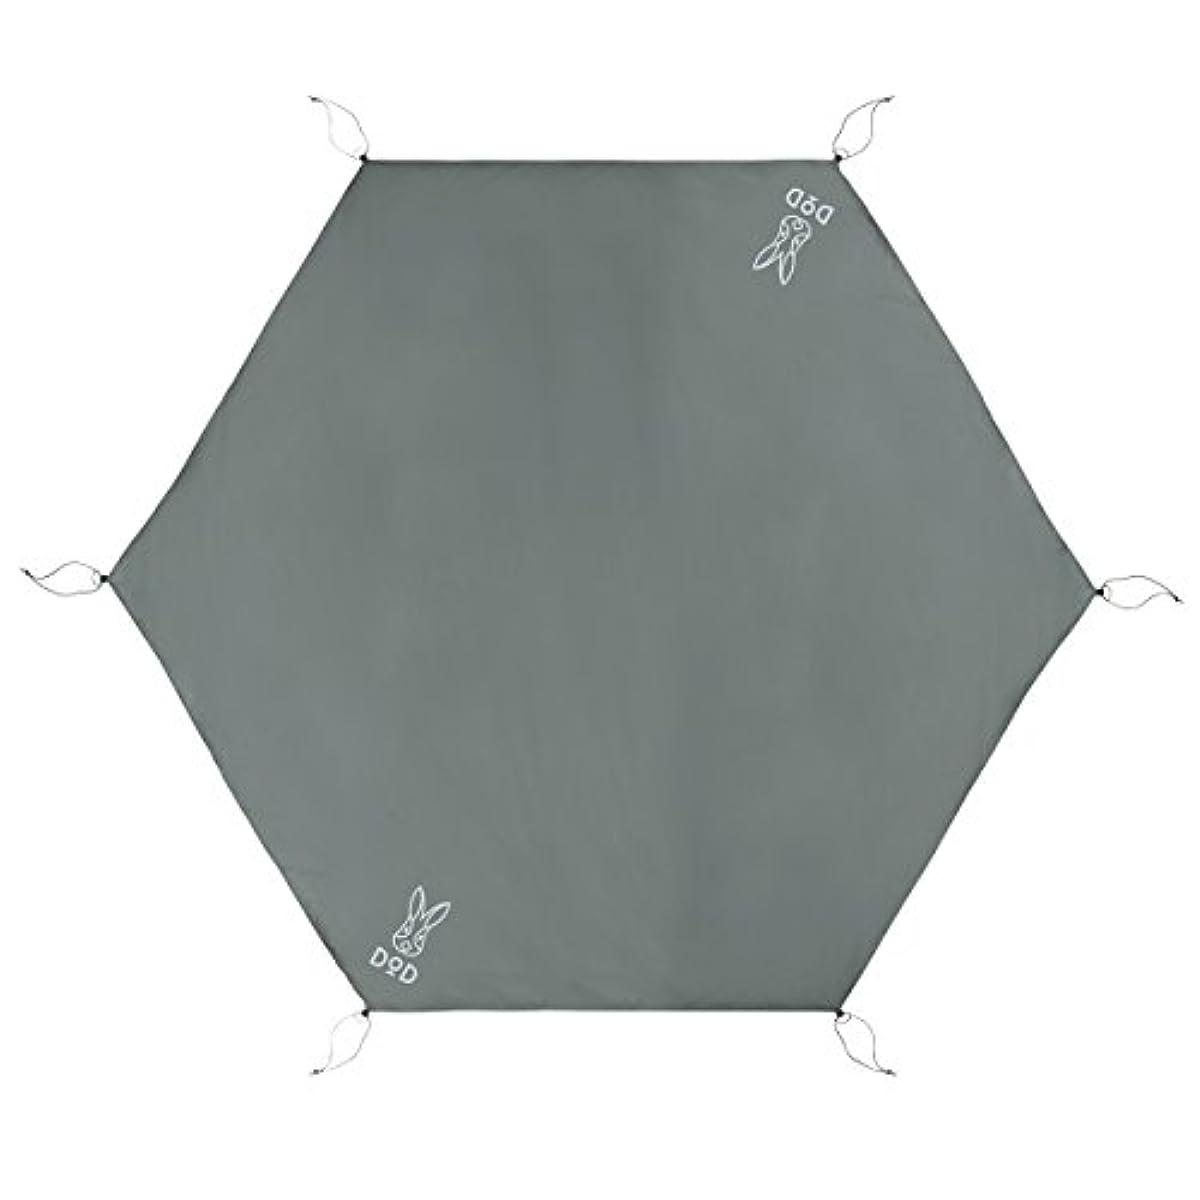 [해외] DOD 도플갱어 원폴 텐트 L 그라운드 시트